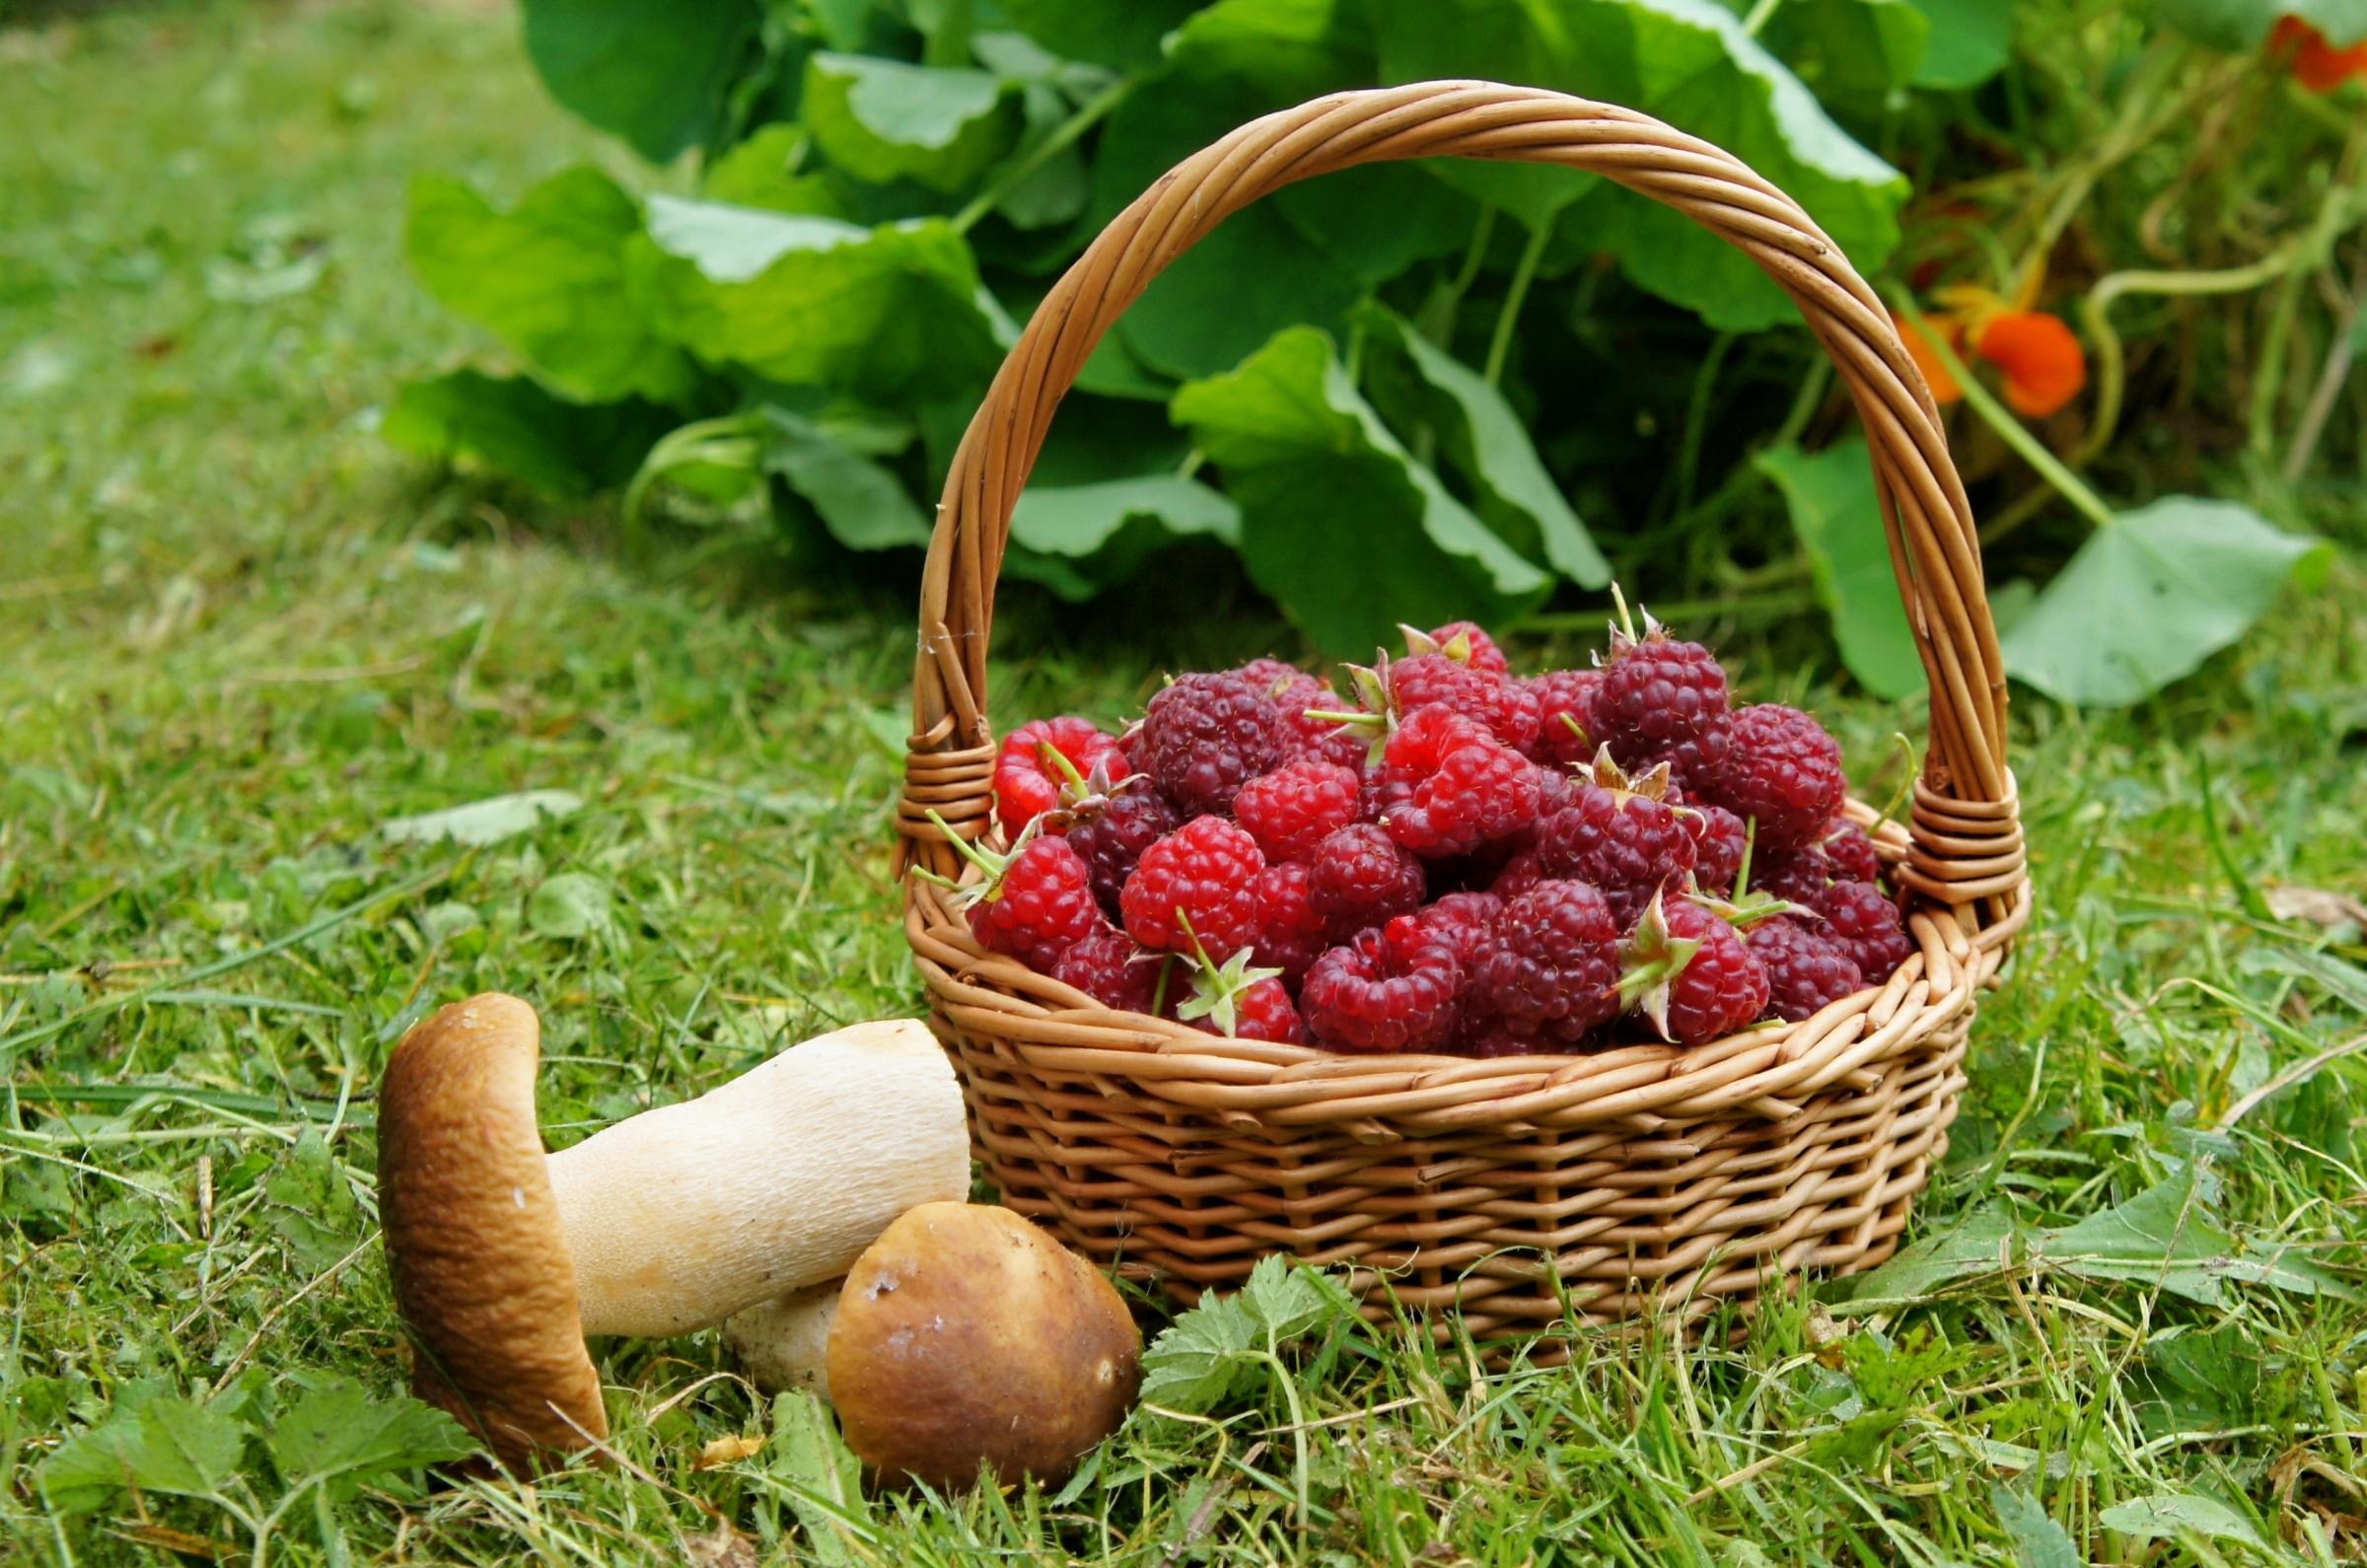 Подосиновики с ягодами в ведре скачать